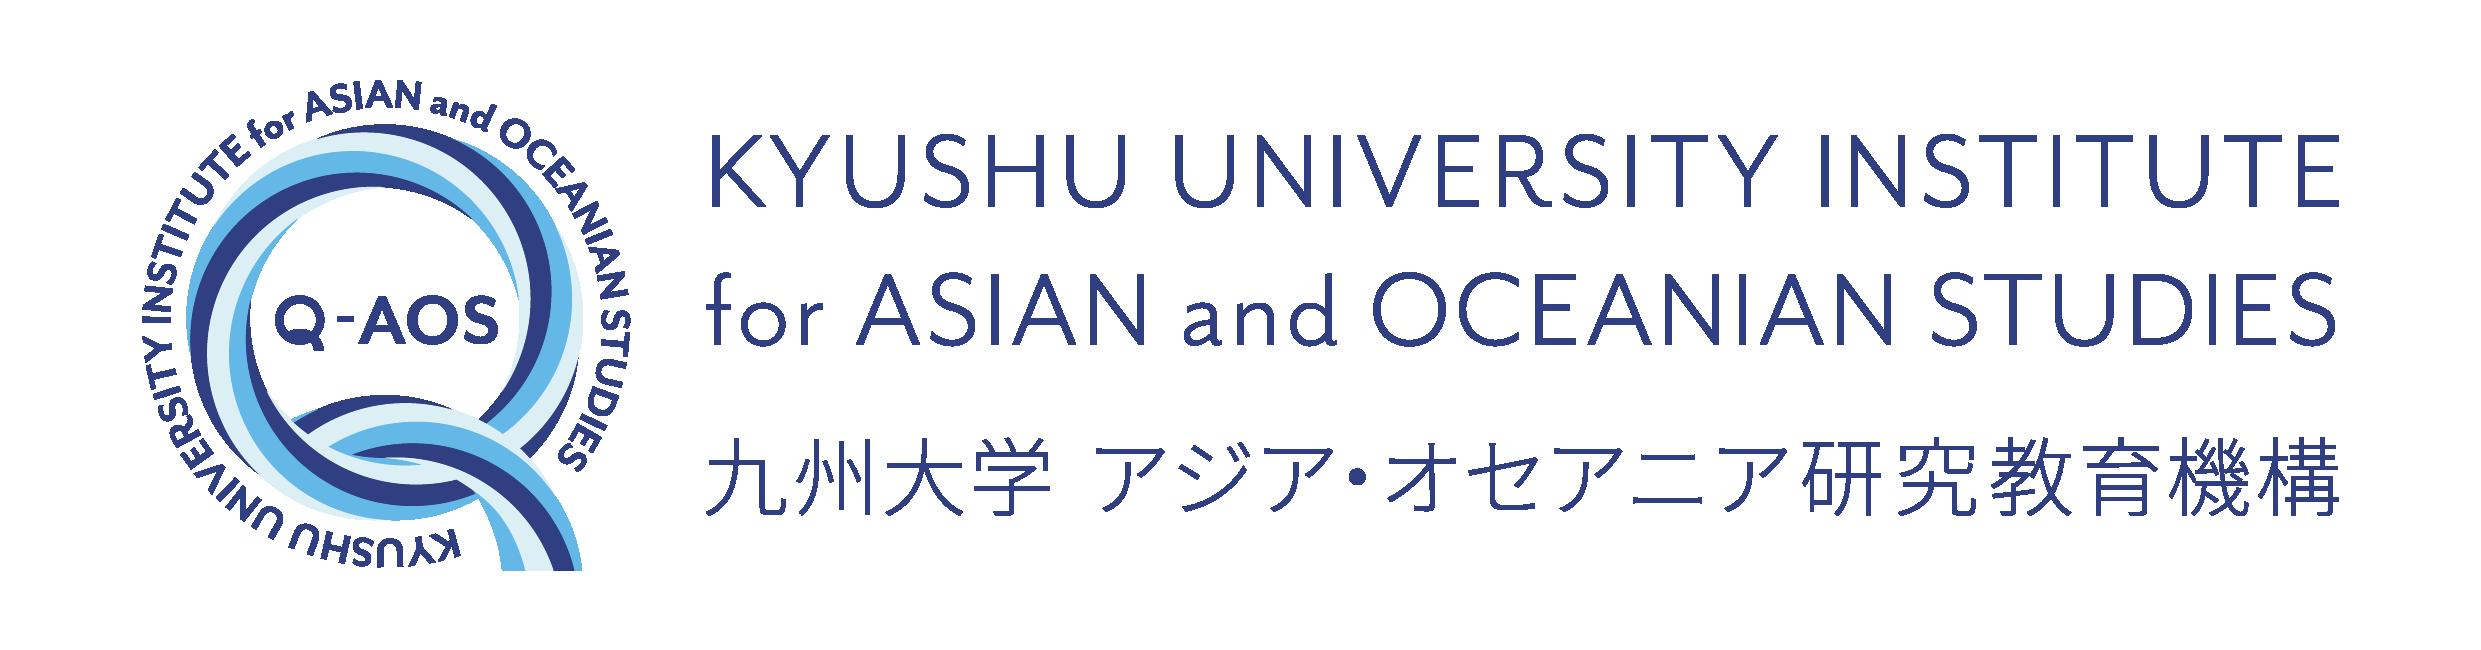 九州大学 アジア・オセアニア研究教育機構